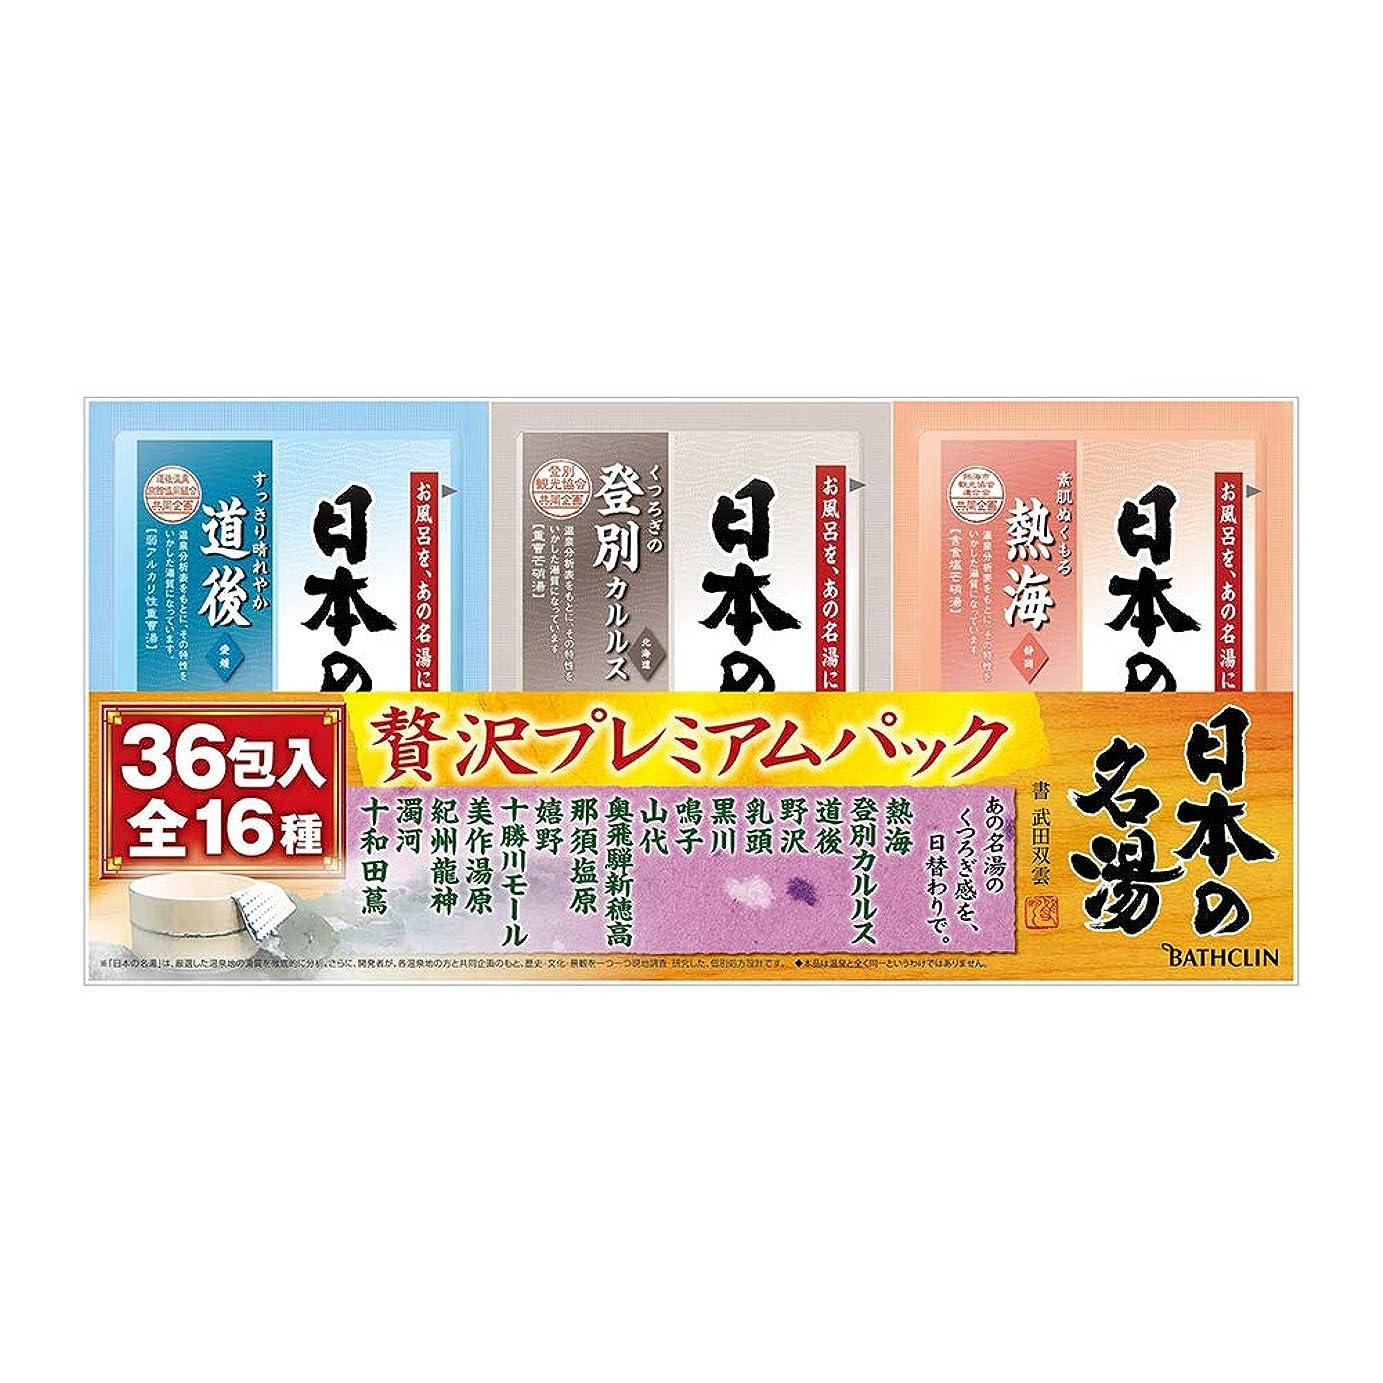 め言葉北東わかる【医薬部外品/大容量】日本の名湯入浴剤 贅沢プレミアムパック36包入 個包装 詰め合わせ 温泉タイプ